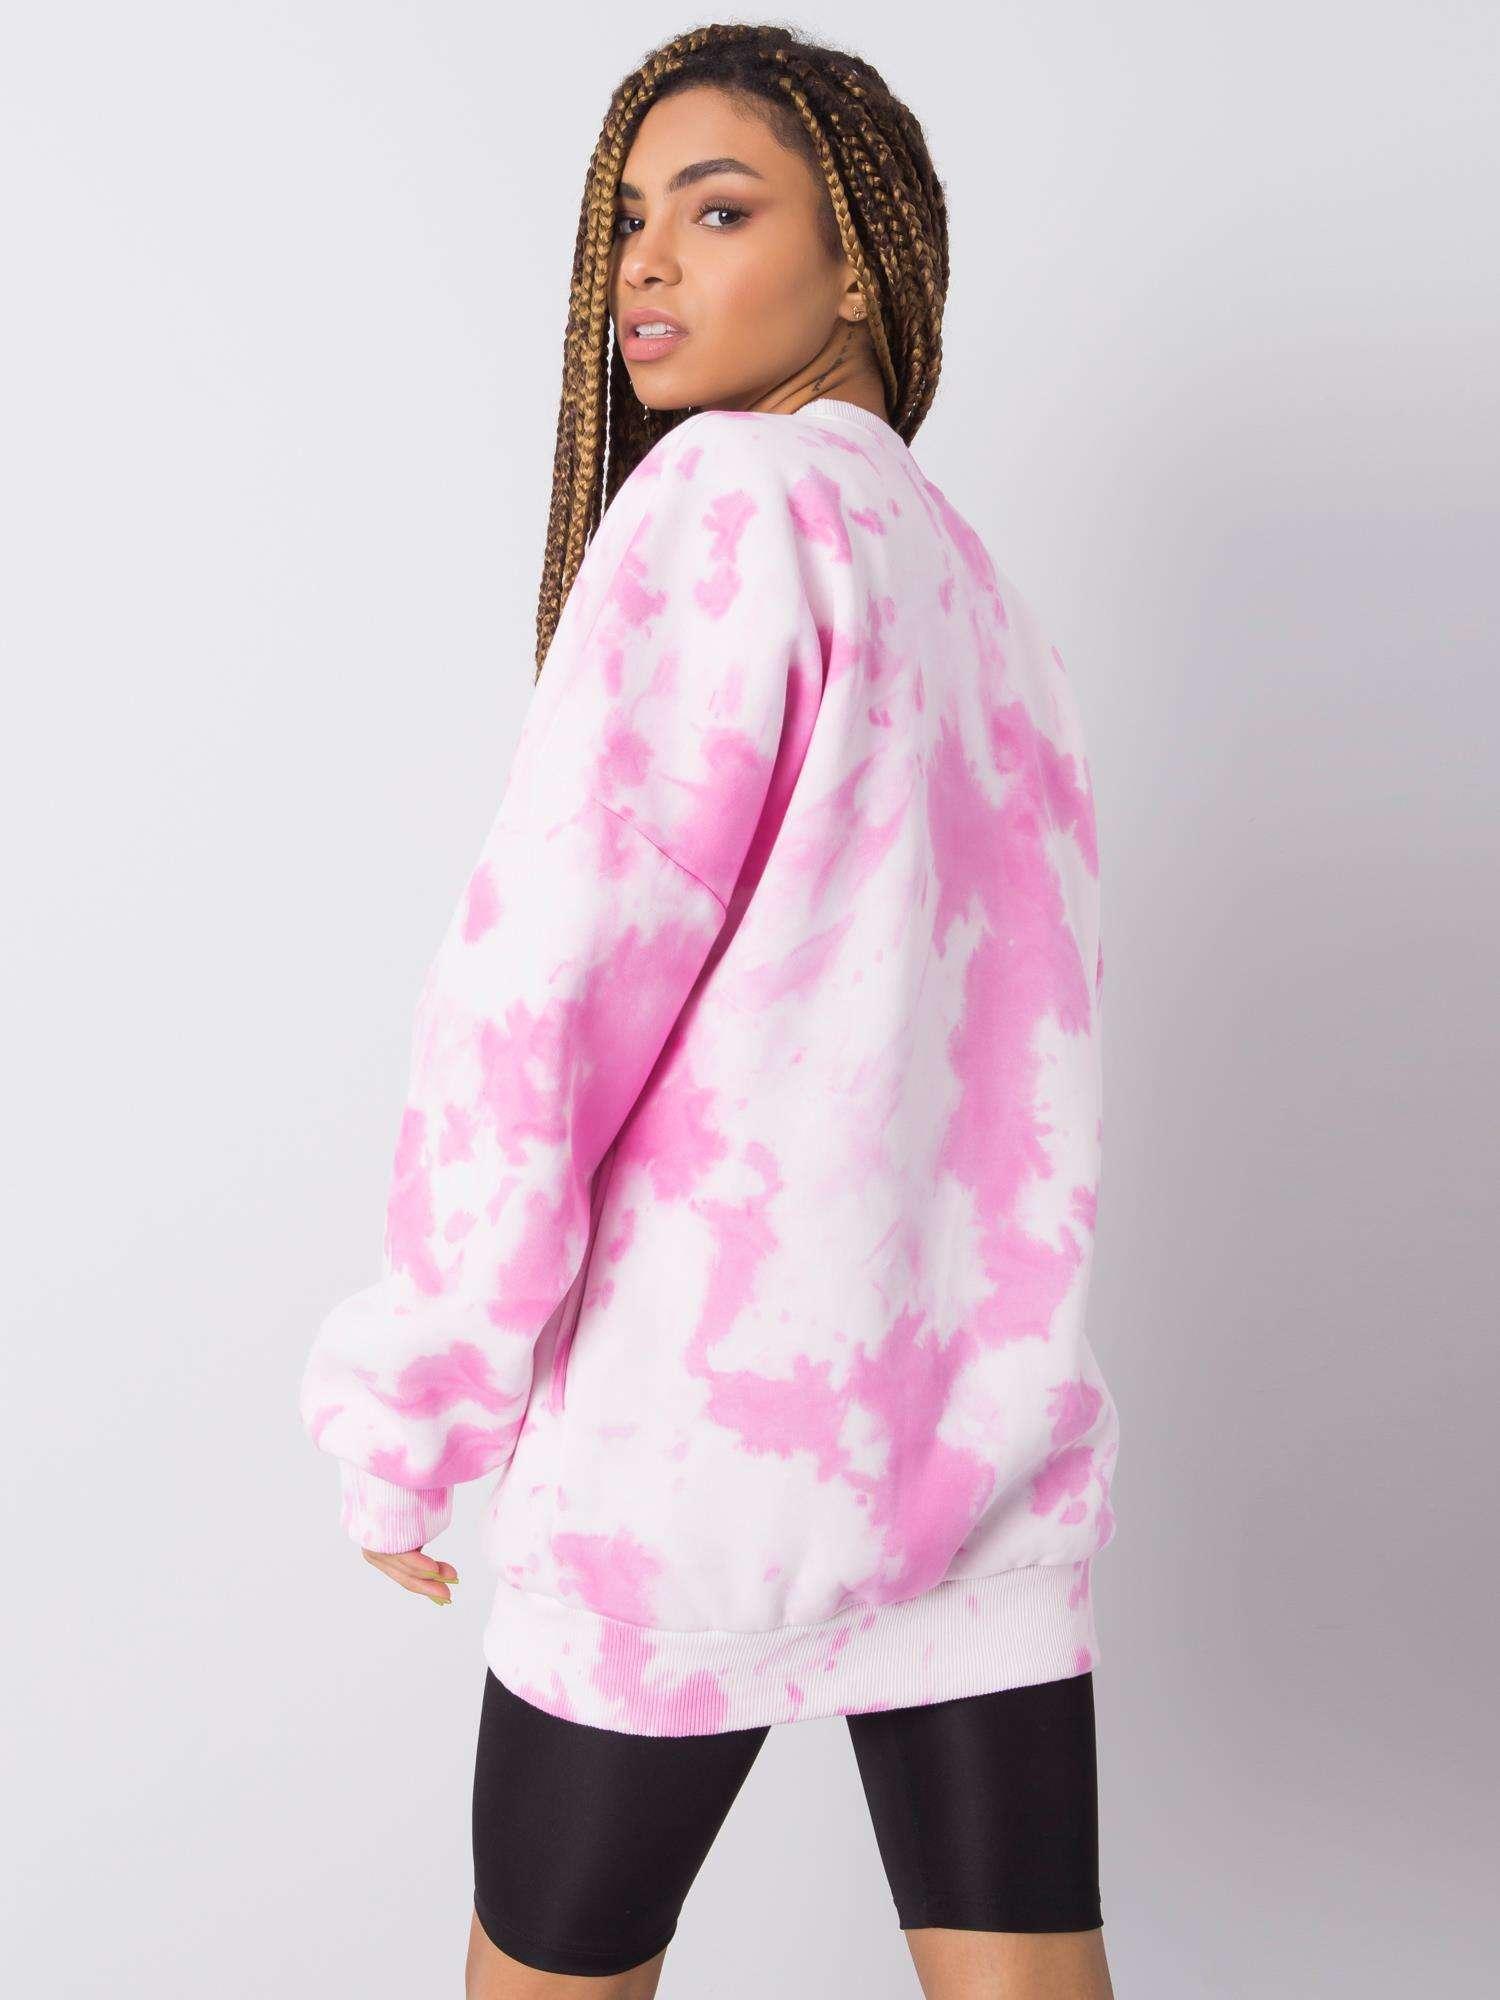 Sweatshirt in Rosa Weiß Tie-Dye Rückansicht